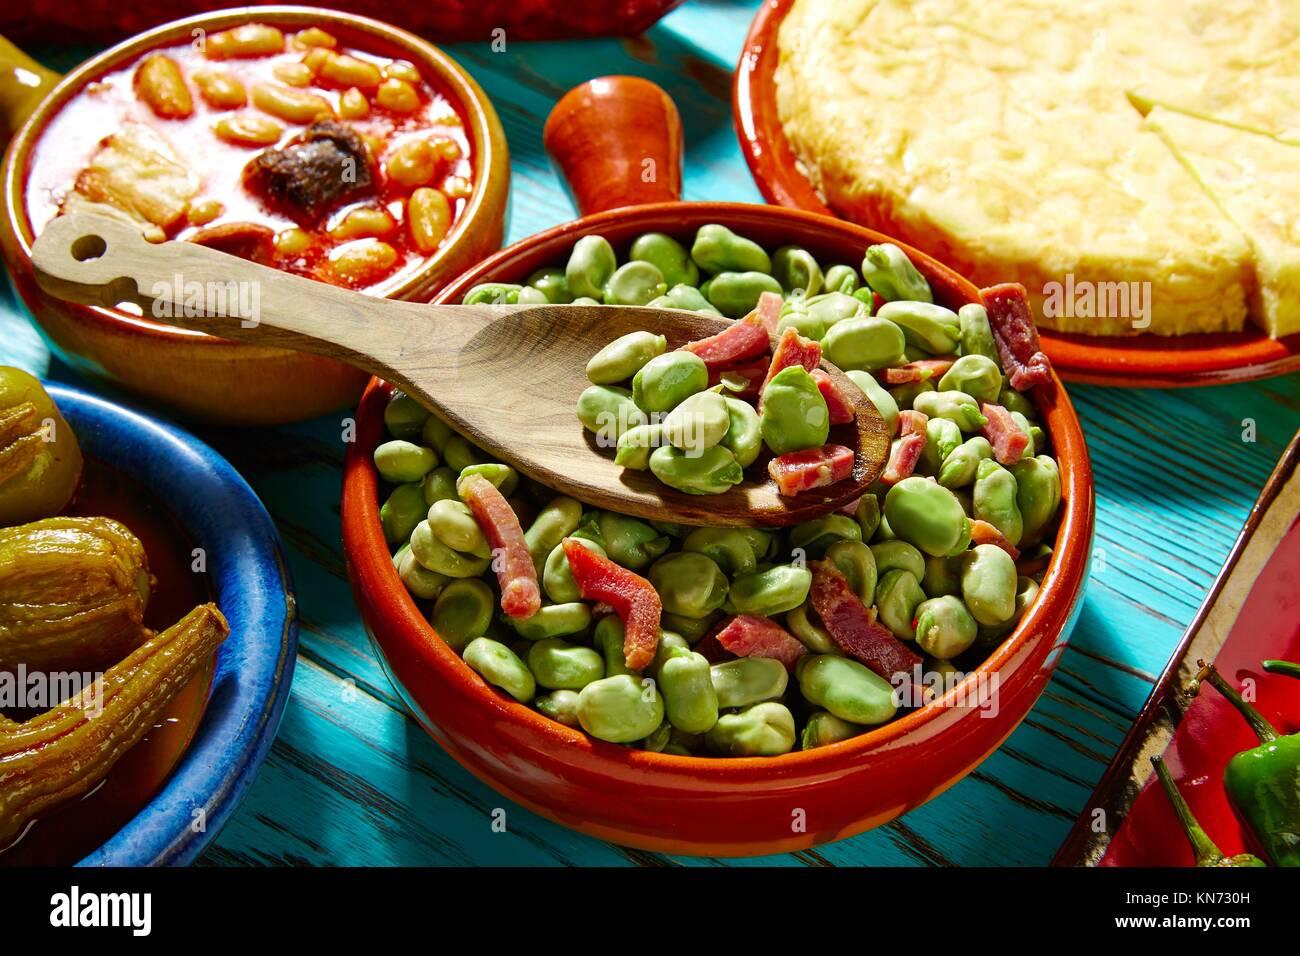 Tapas fagioli di lima con prosciutto iberico dalla Spagna su legno. Immagini Stock